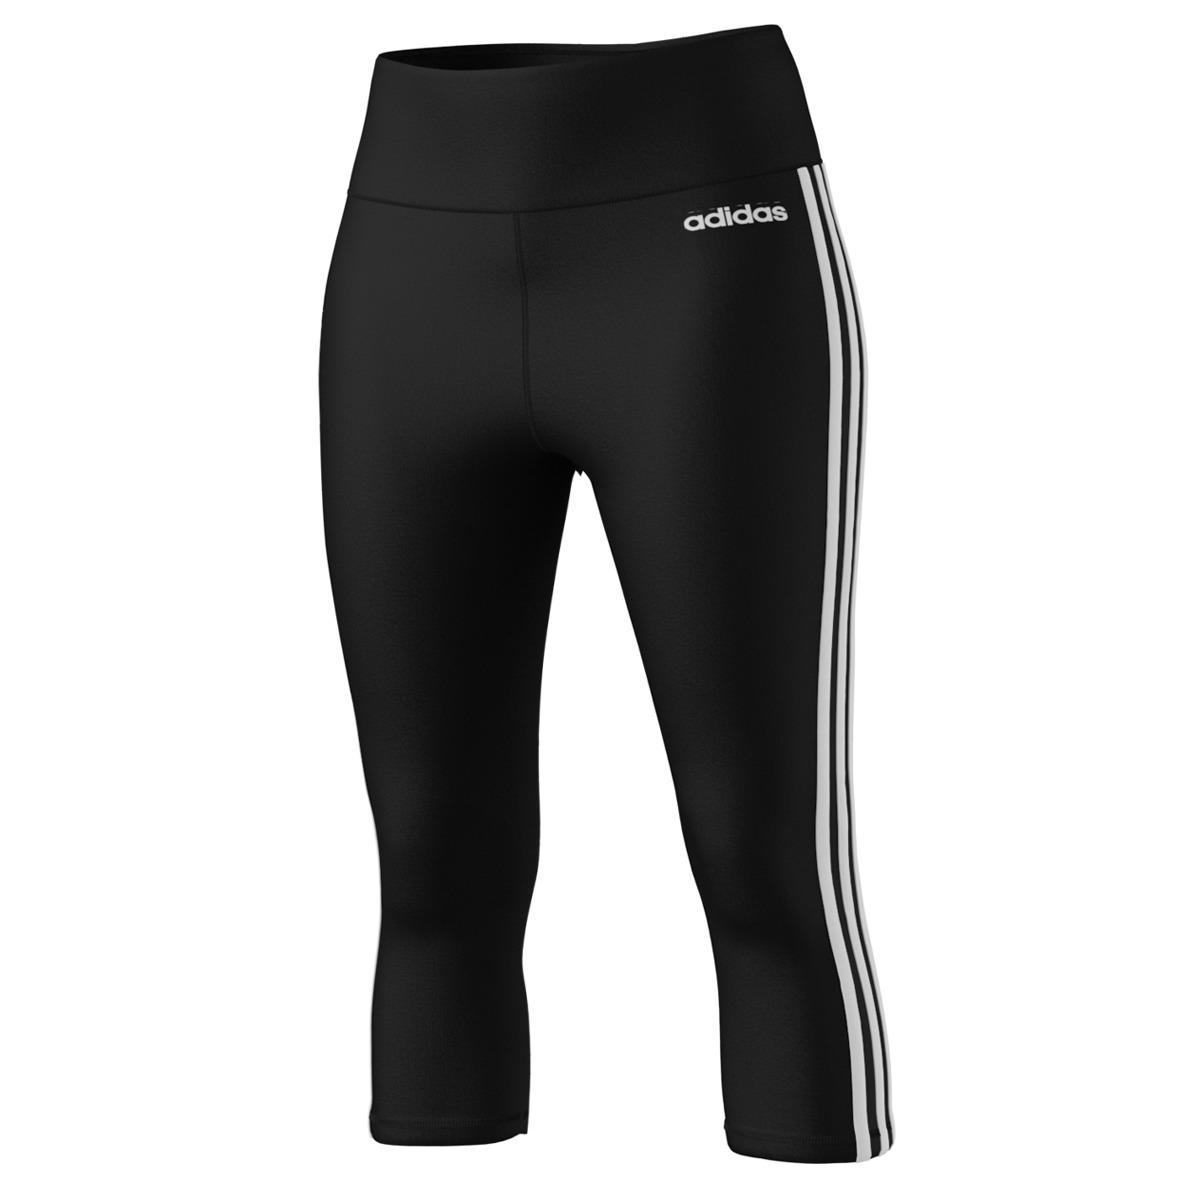 331284f49be adidas Originals. Women's Black D2m Hr leggings. $40 From El Corte Ingles